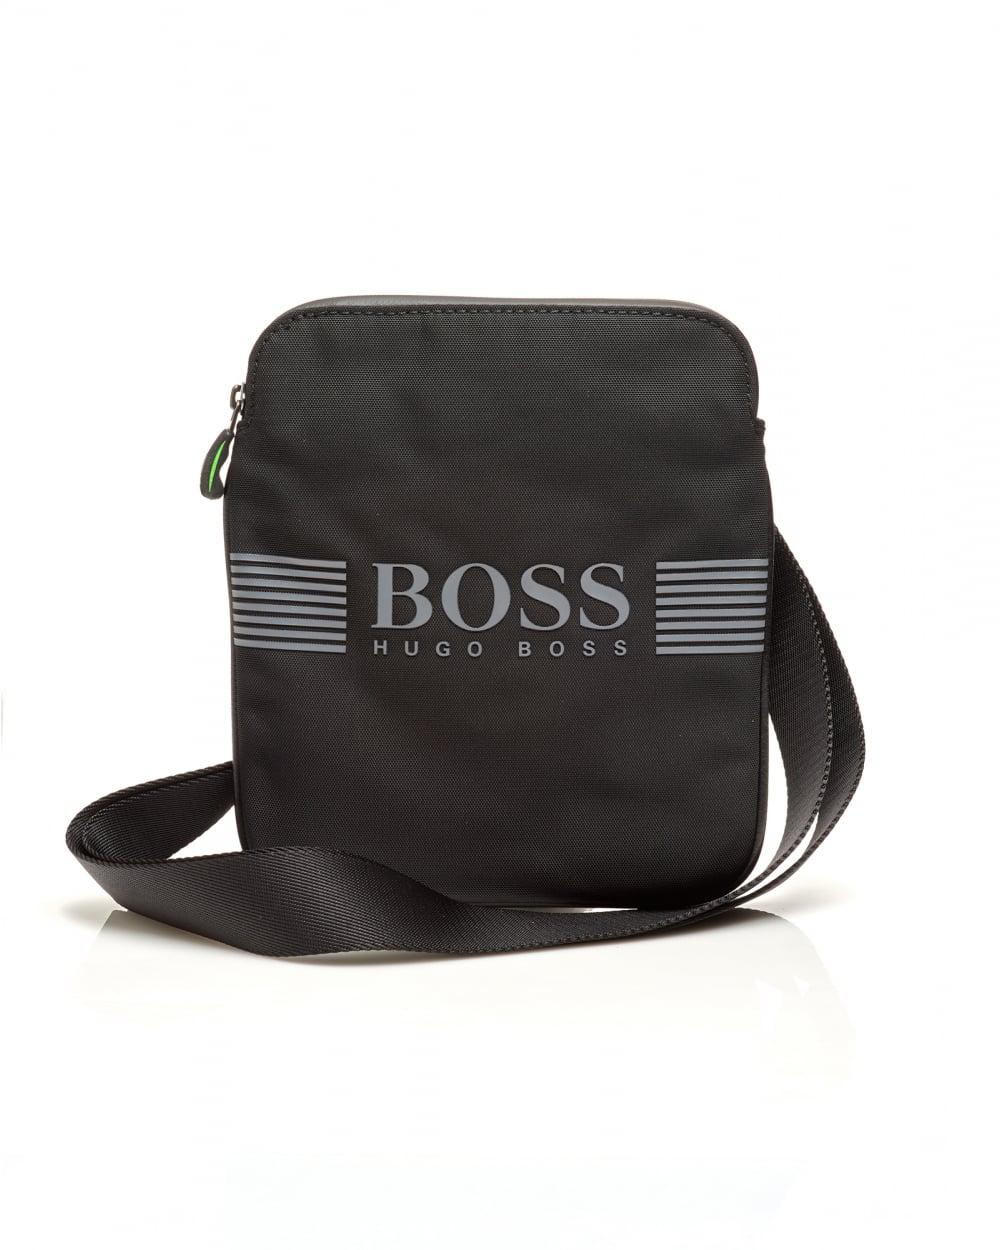 247492efb9 BOSS - Pixel_s Zip Env Nylon Stash Crossbody Black Bag for Men - Lyst. View  fullscreen